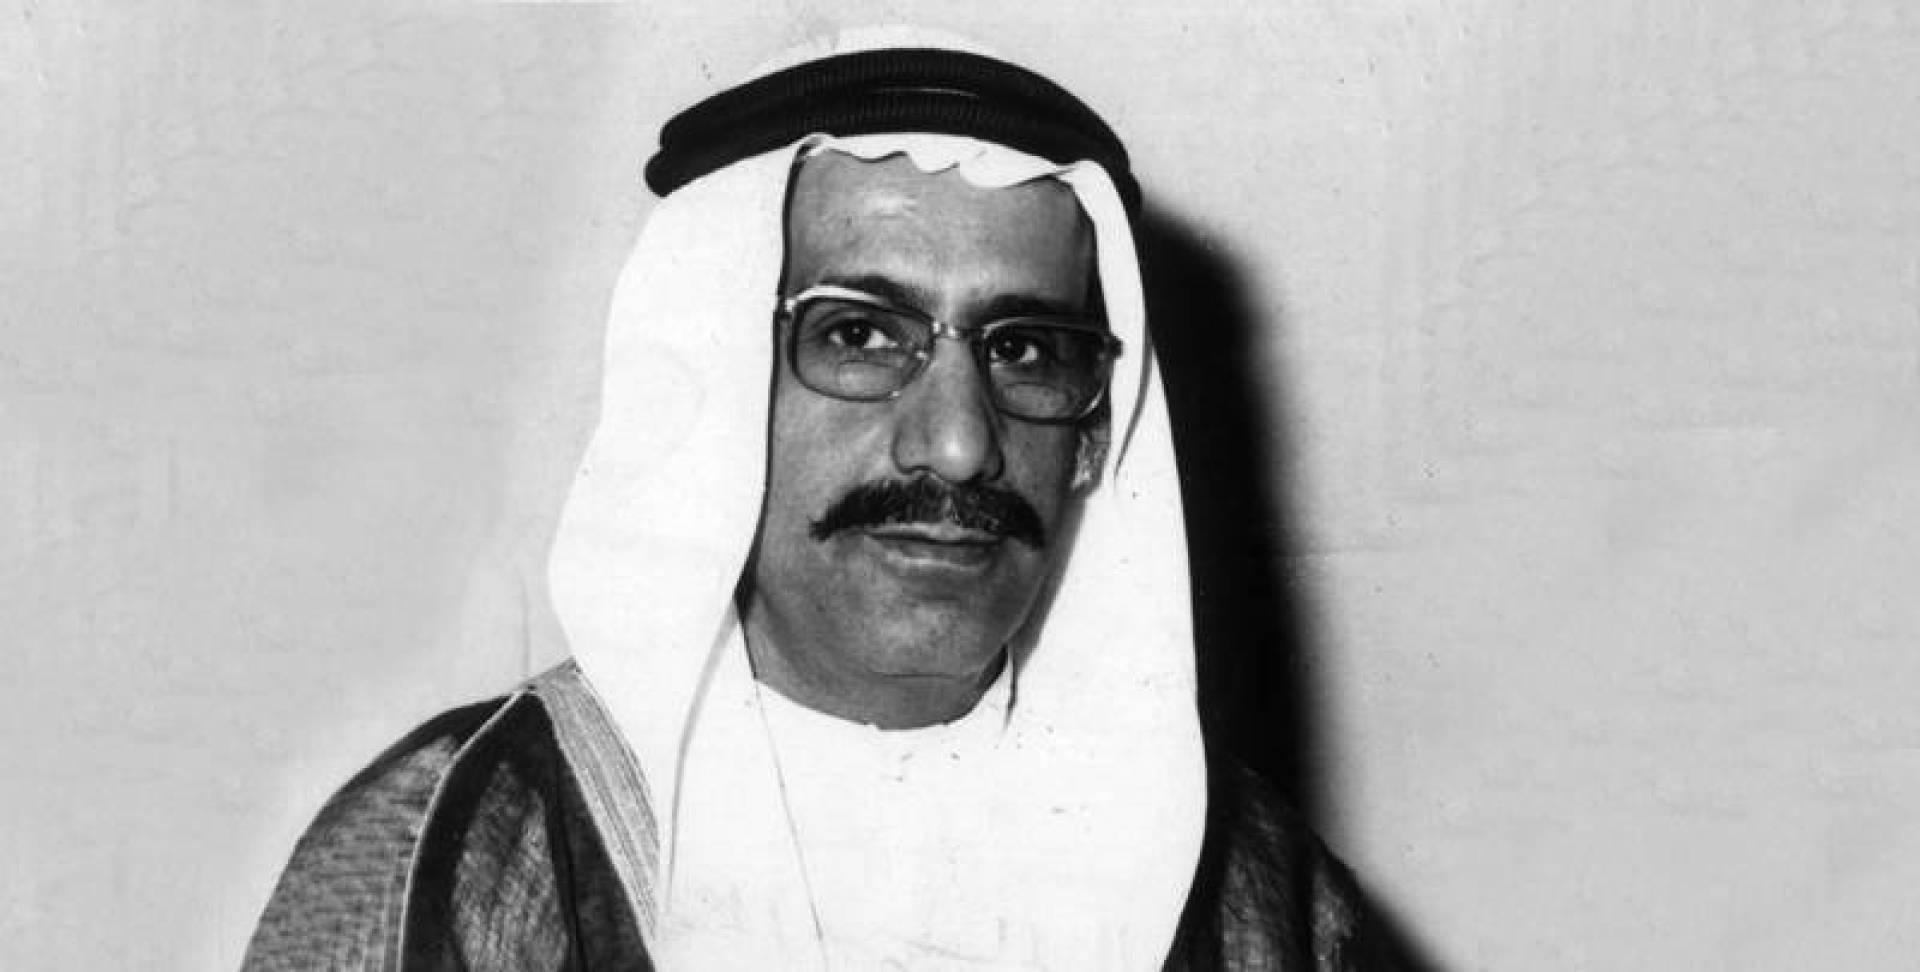 وزير المالية والنفط عبدالرحمن العتيقي.. أرشيفية